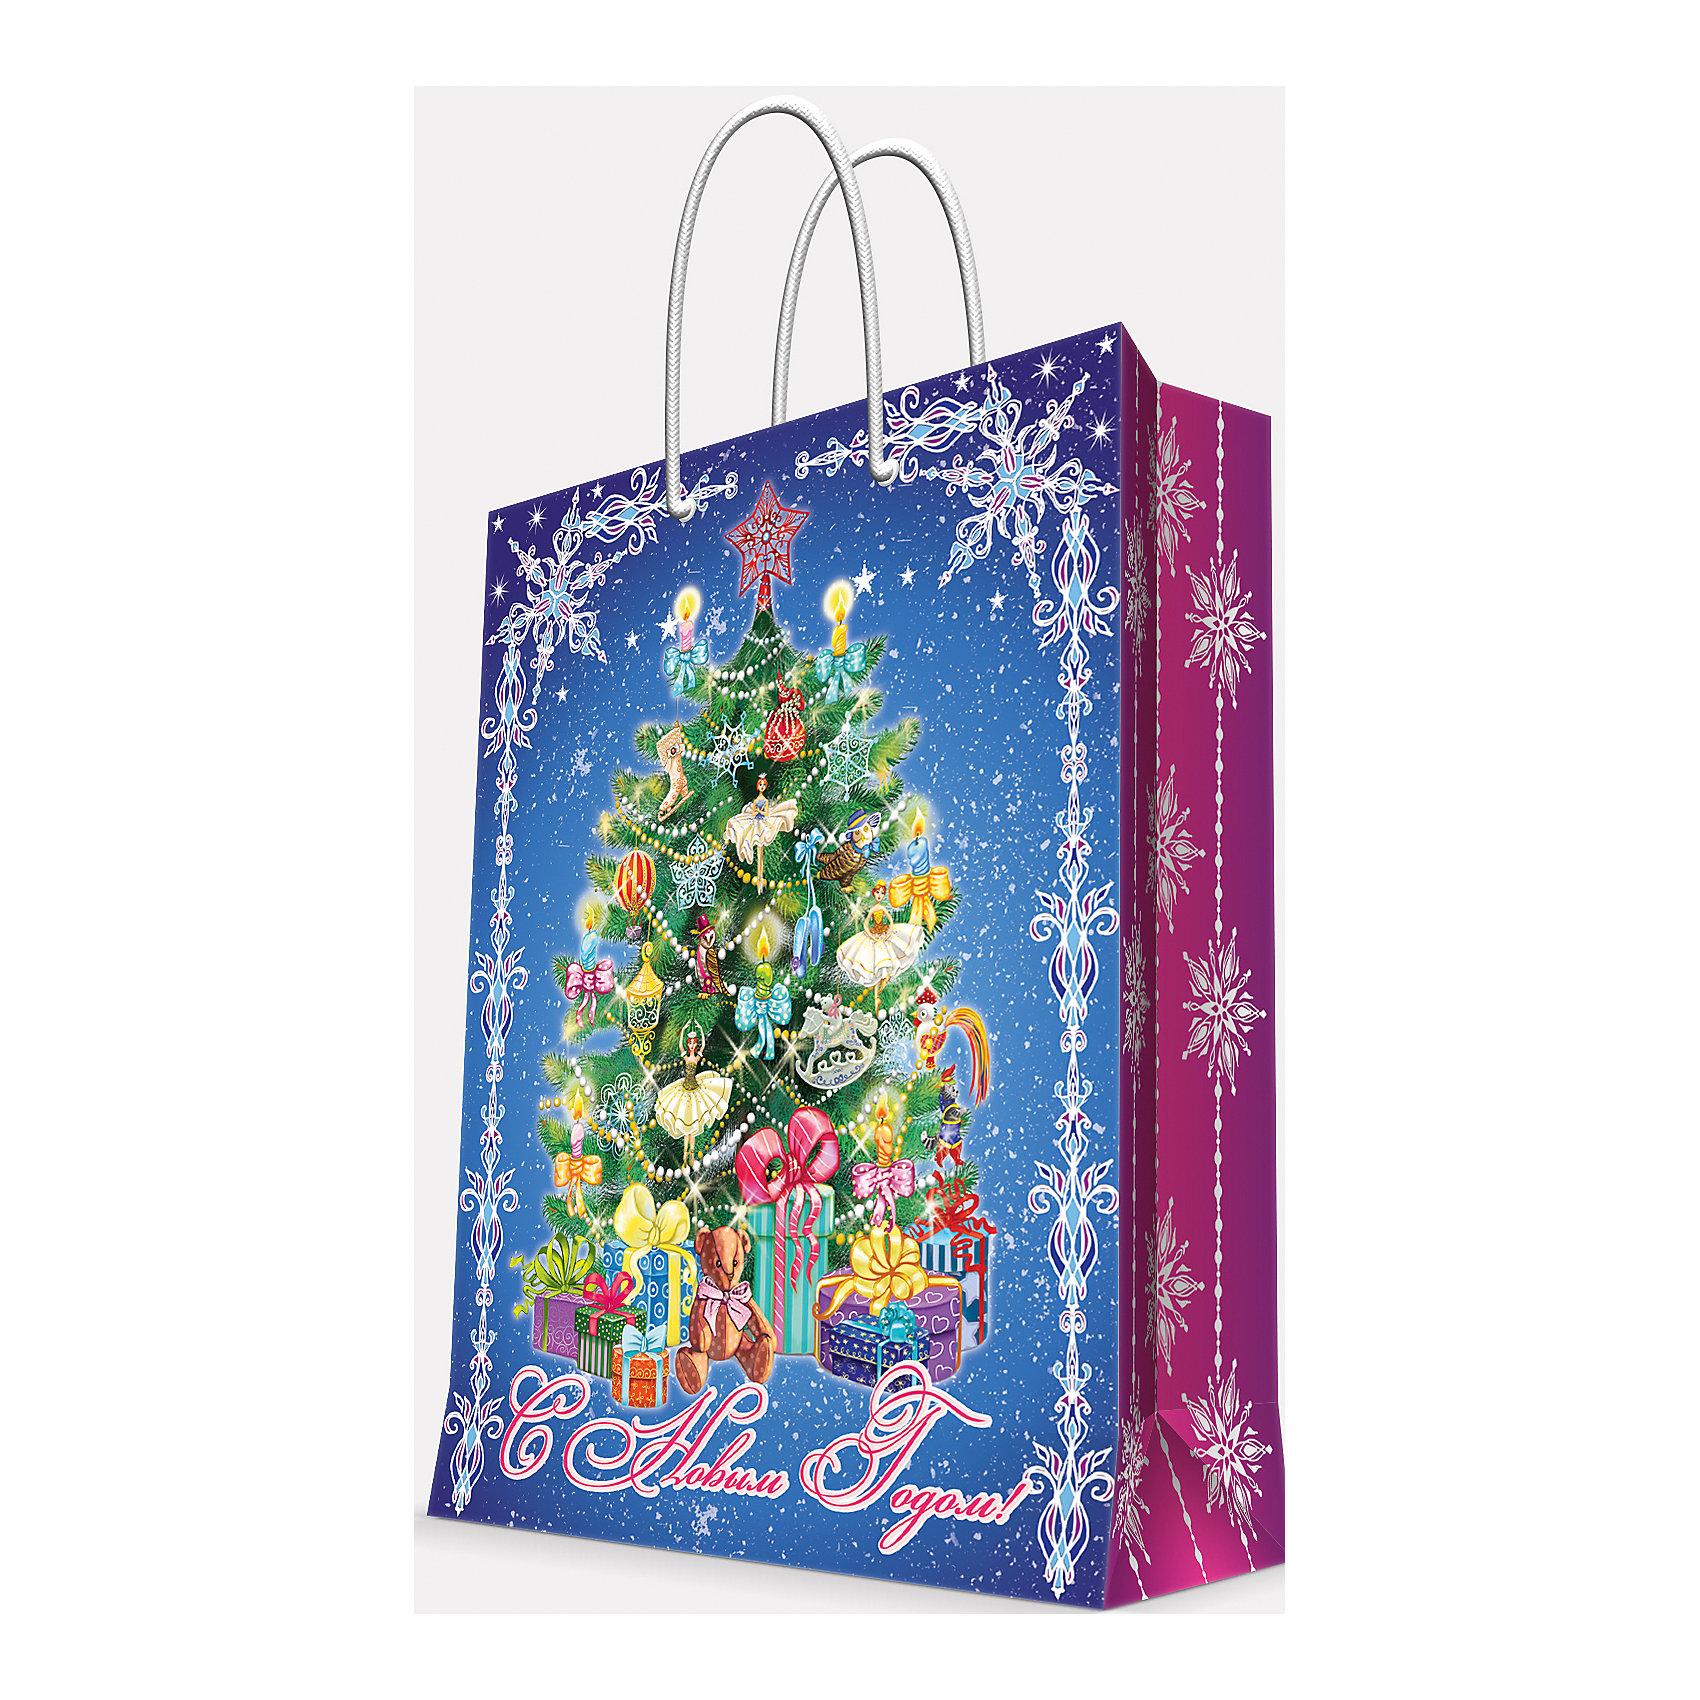 Magic Time Подарочный пакет Пушистая елочка 17,8*22,9*9,8 см magic time подарочный пакет снегурочка с малышом 26 32 4 12 7 см